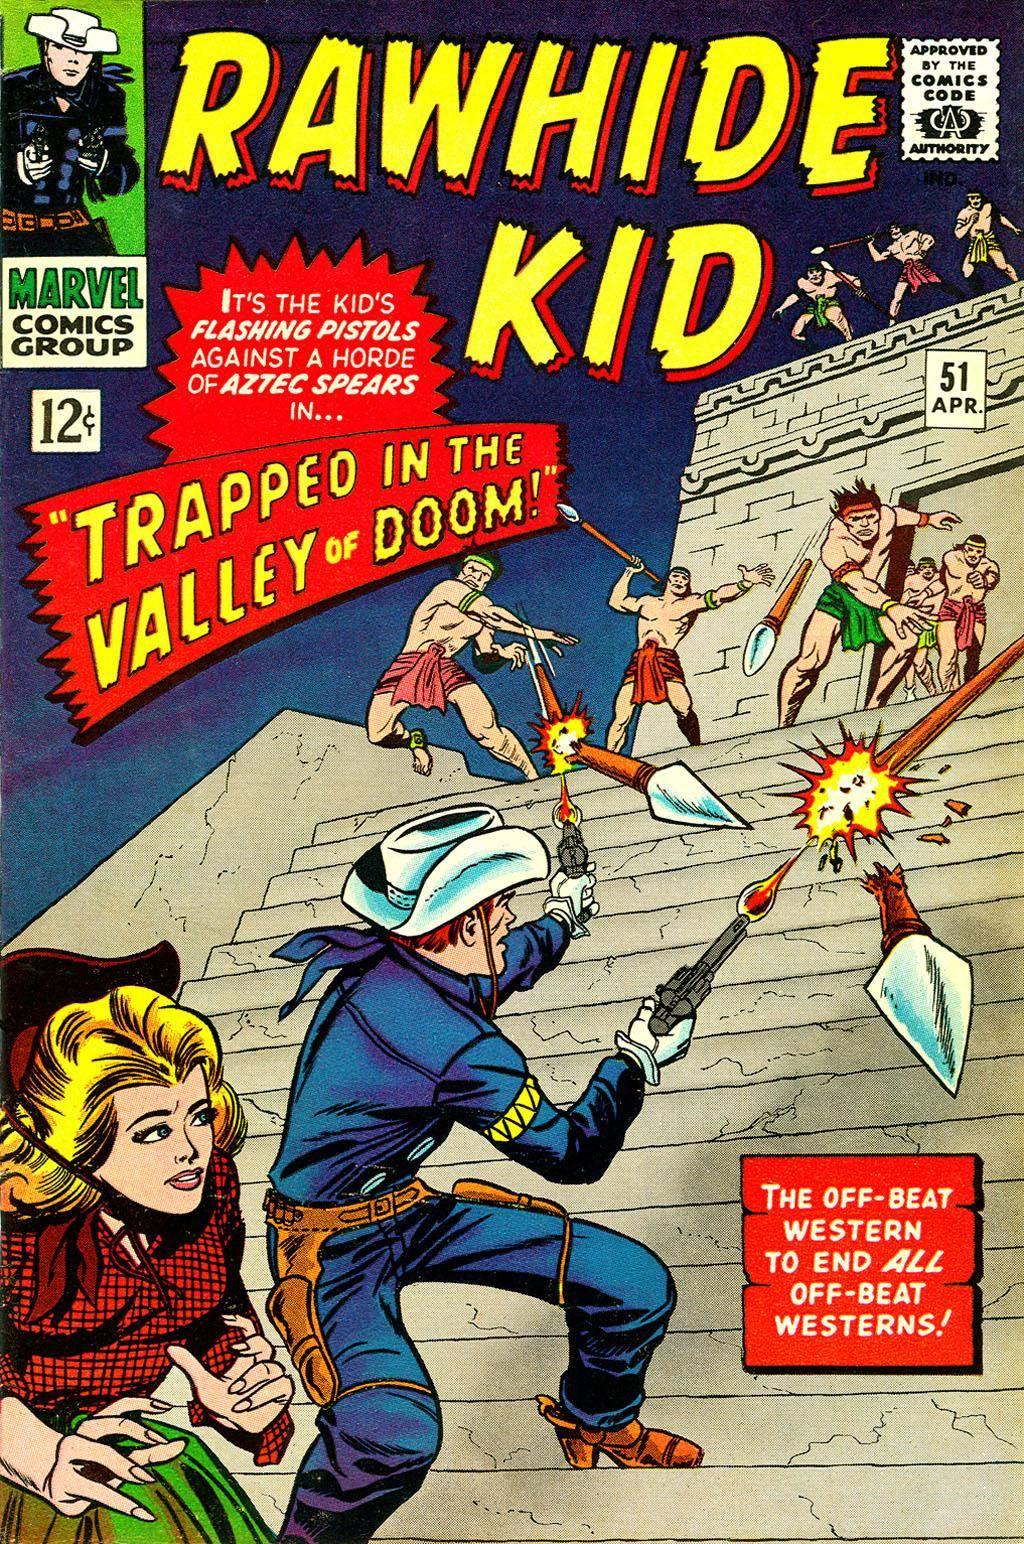 Rawhide Kid v1 051 1966